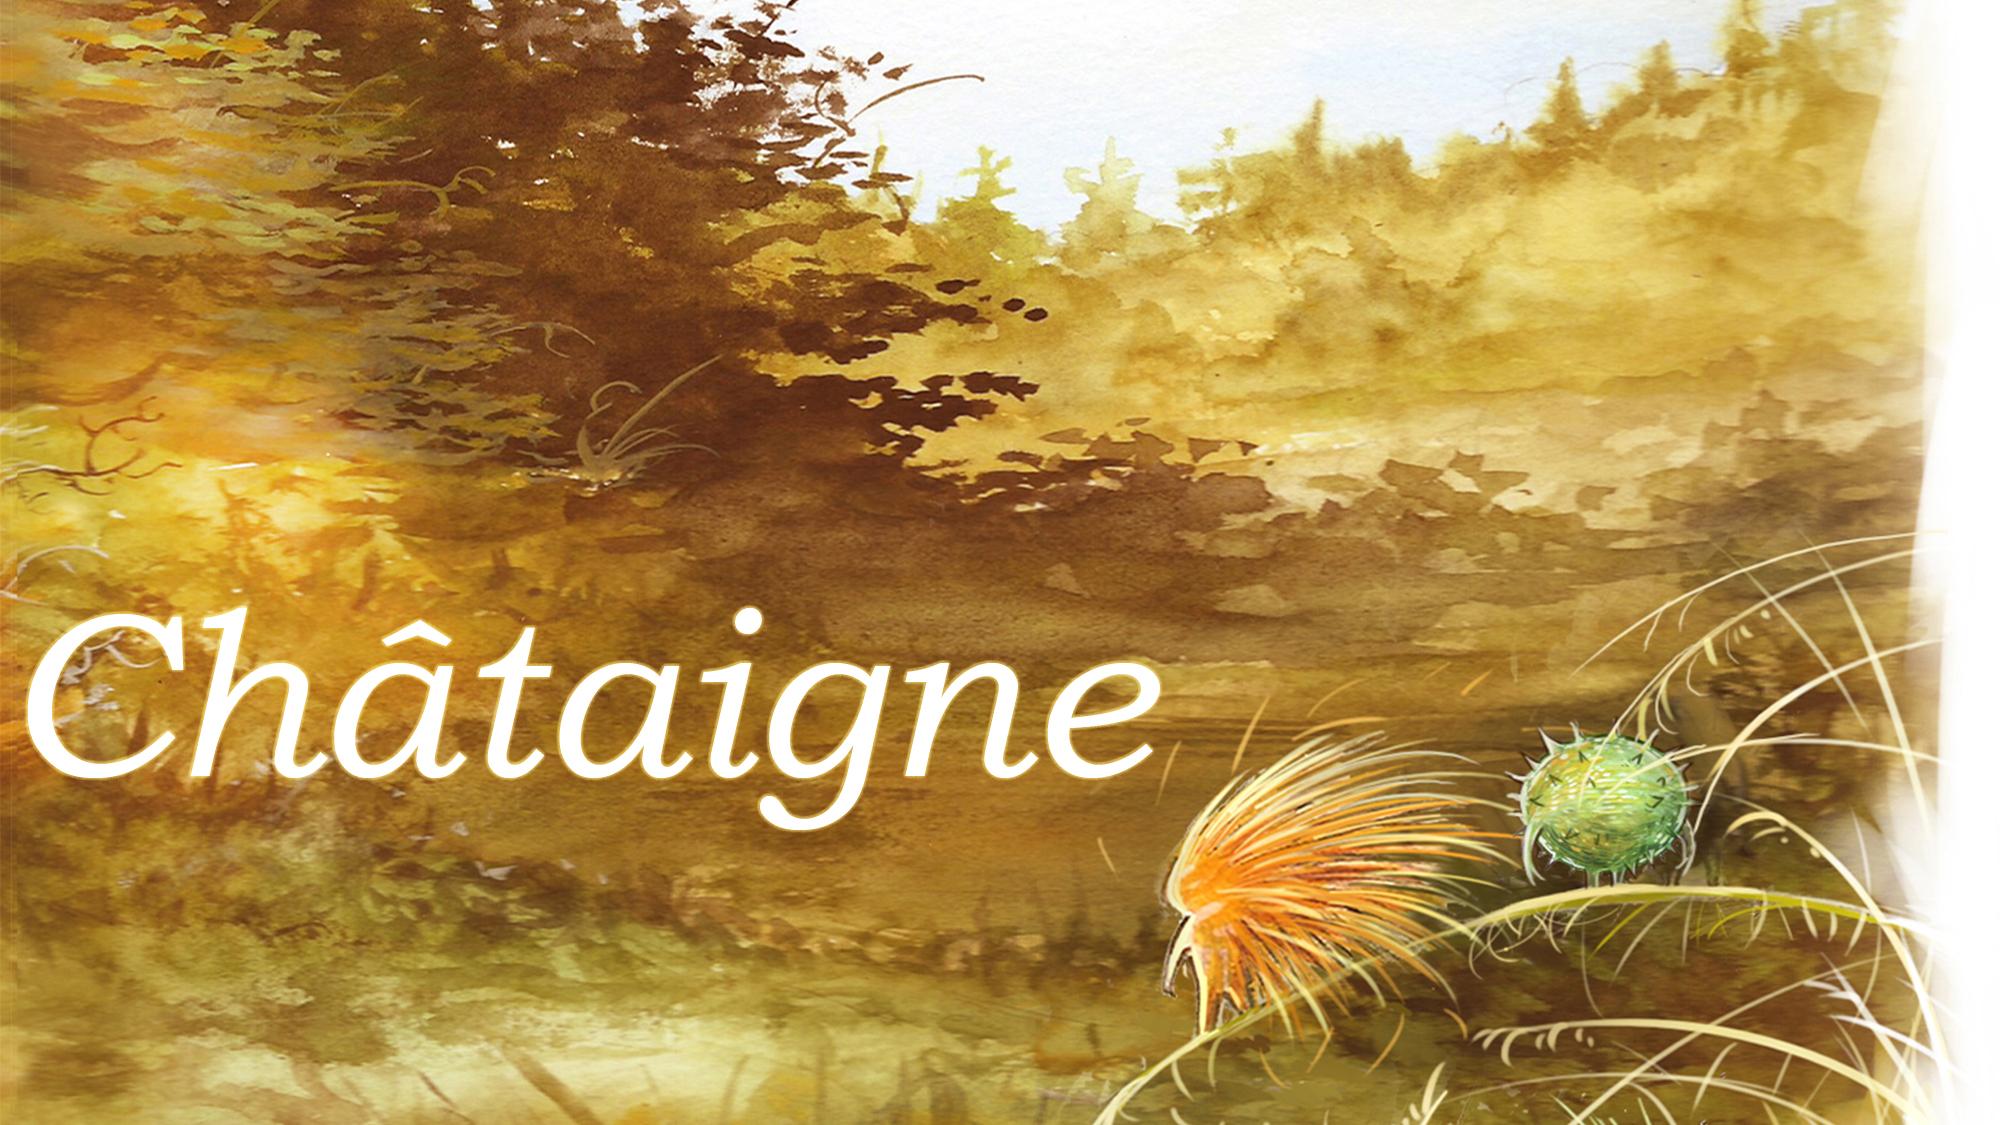 Châtaigne by Denis Lapierre